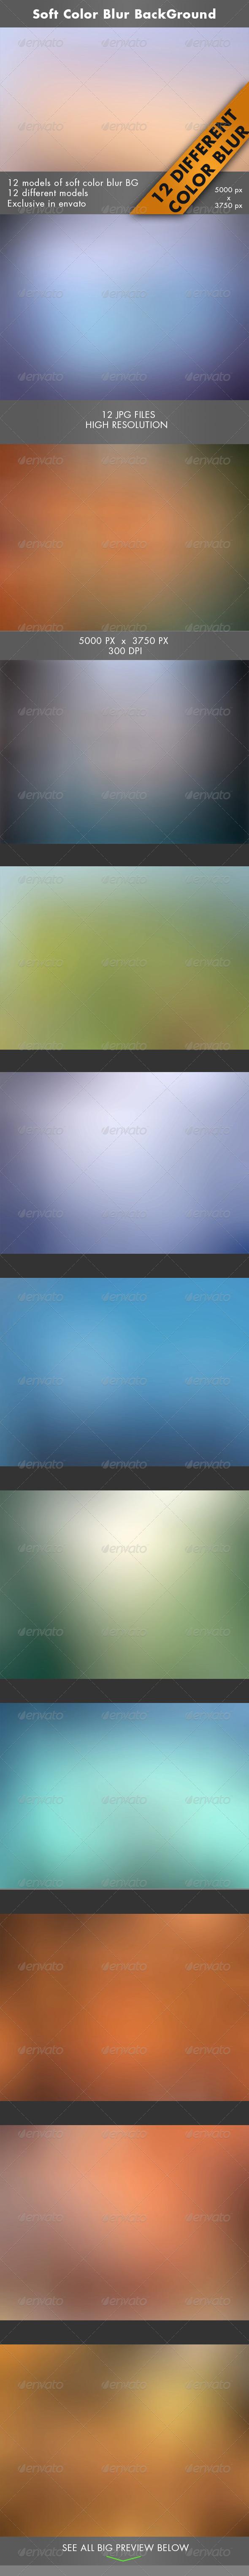 Soft Color Blur BackGround - Tech / Futuristic Backgrounds